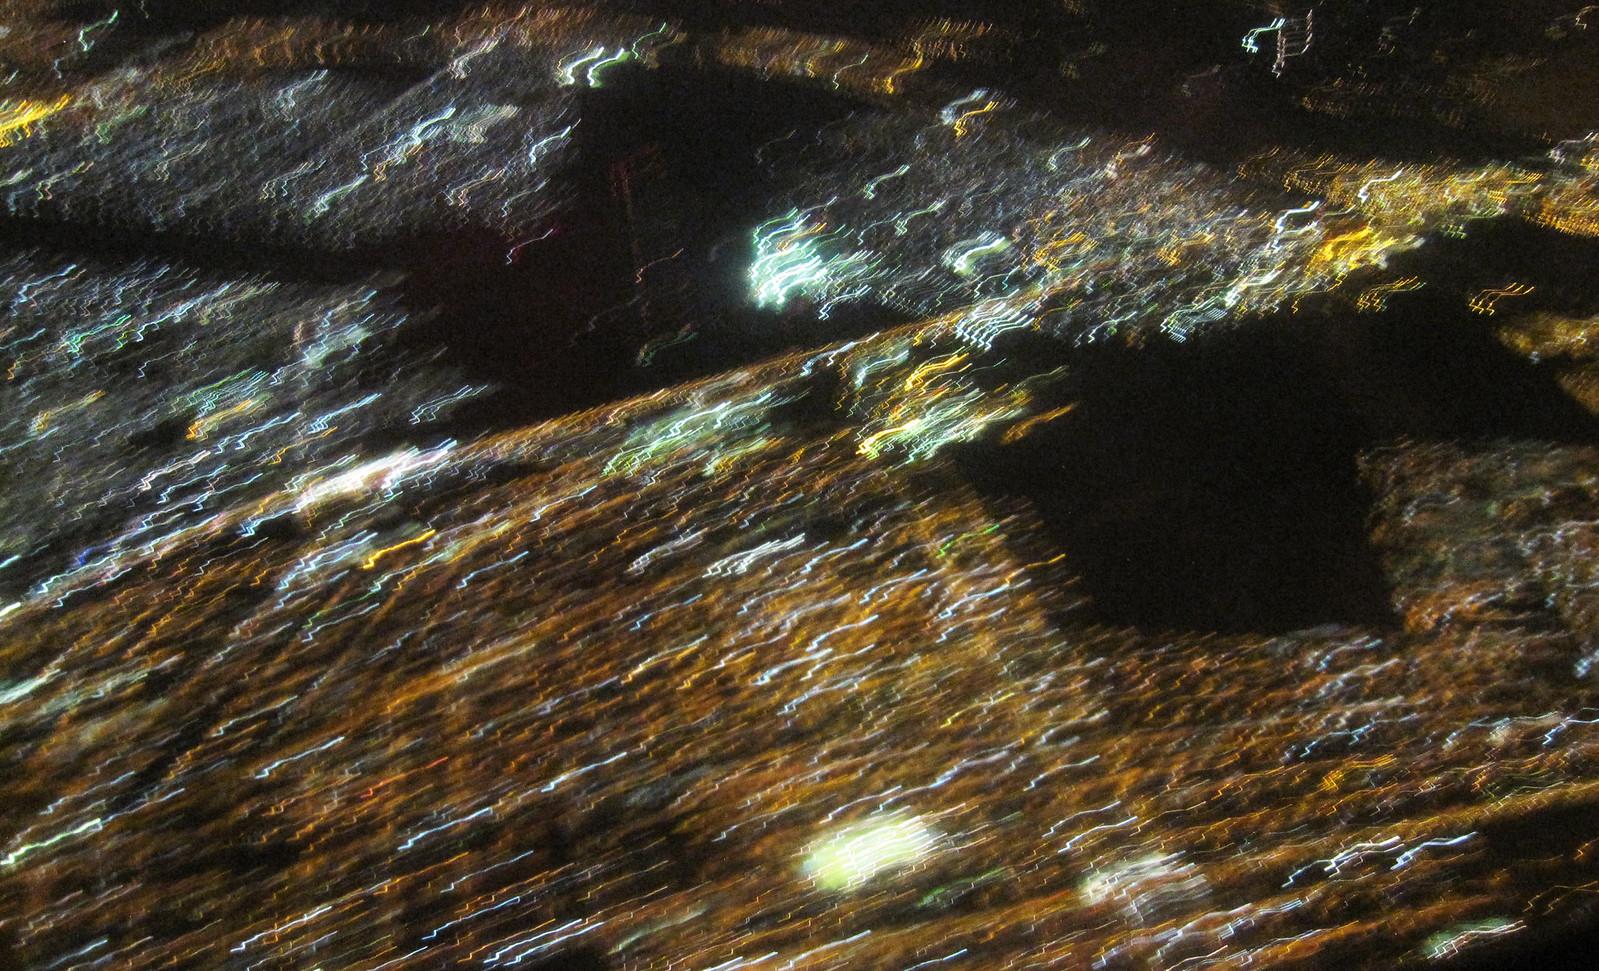 Aérea nocturna 07